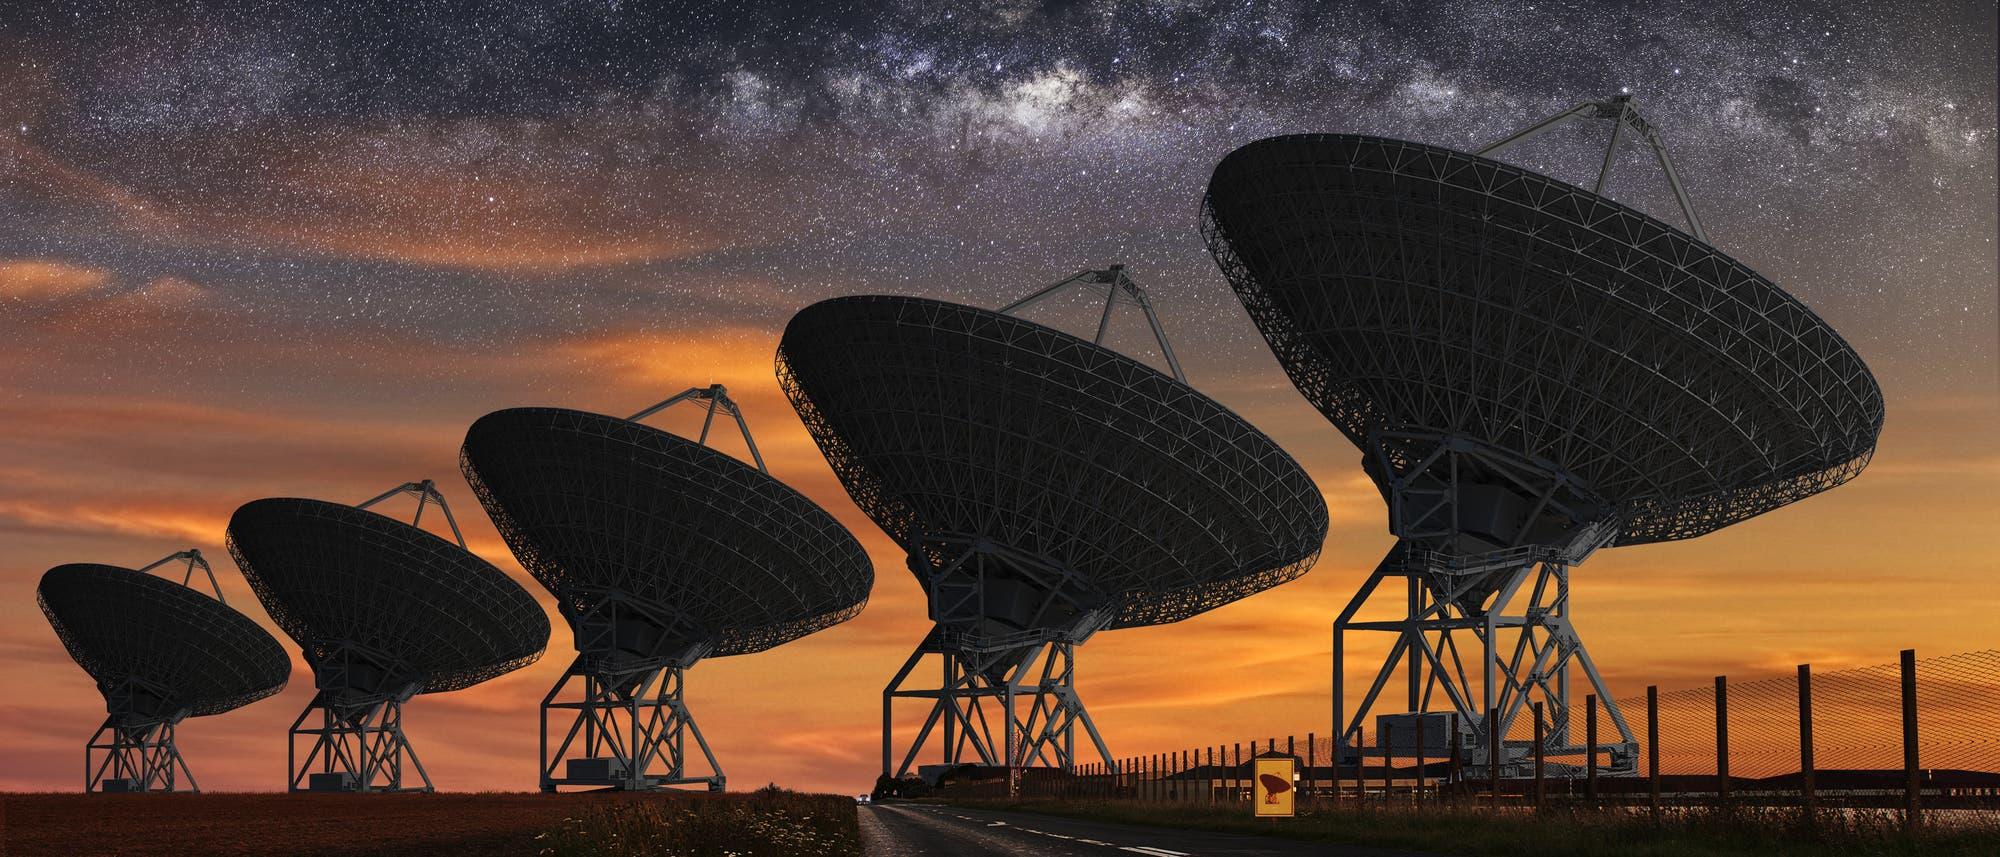 Radioteleskope vor Sternenhimmel